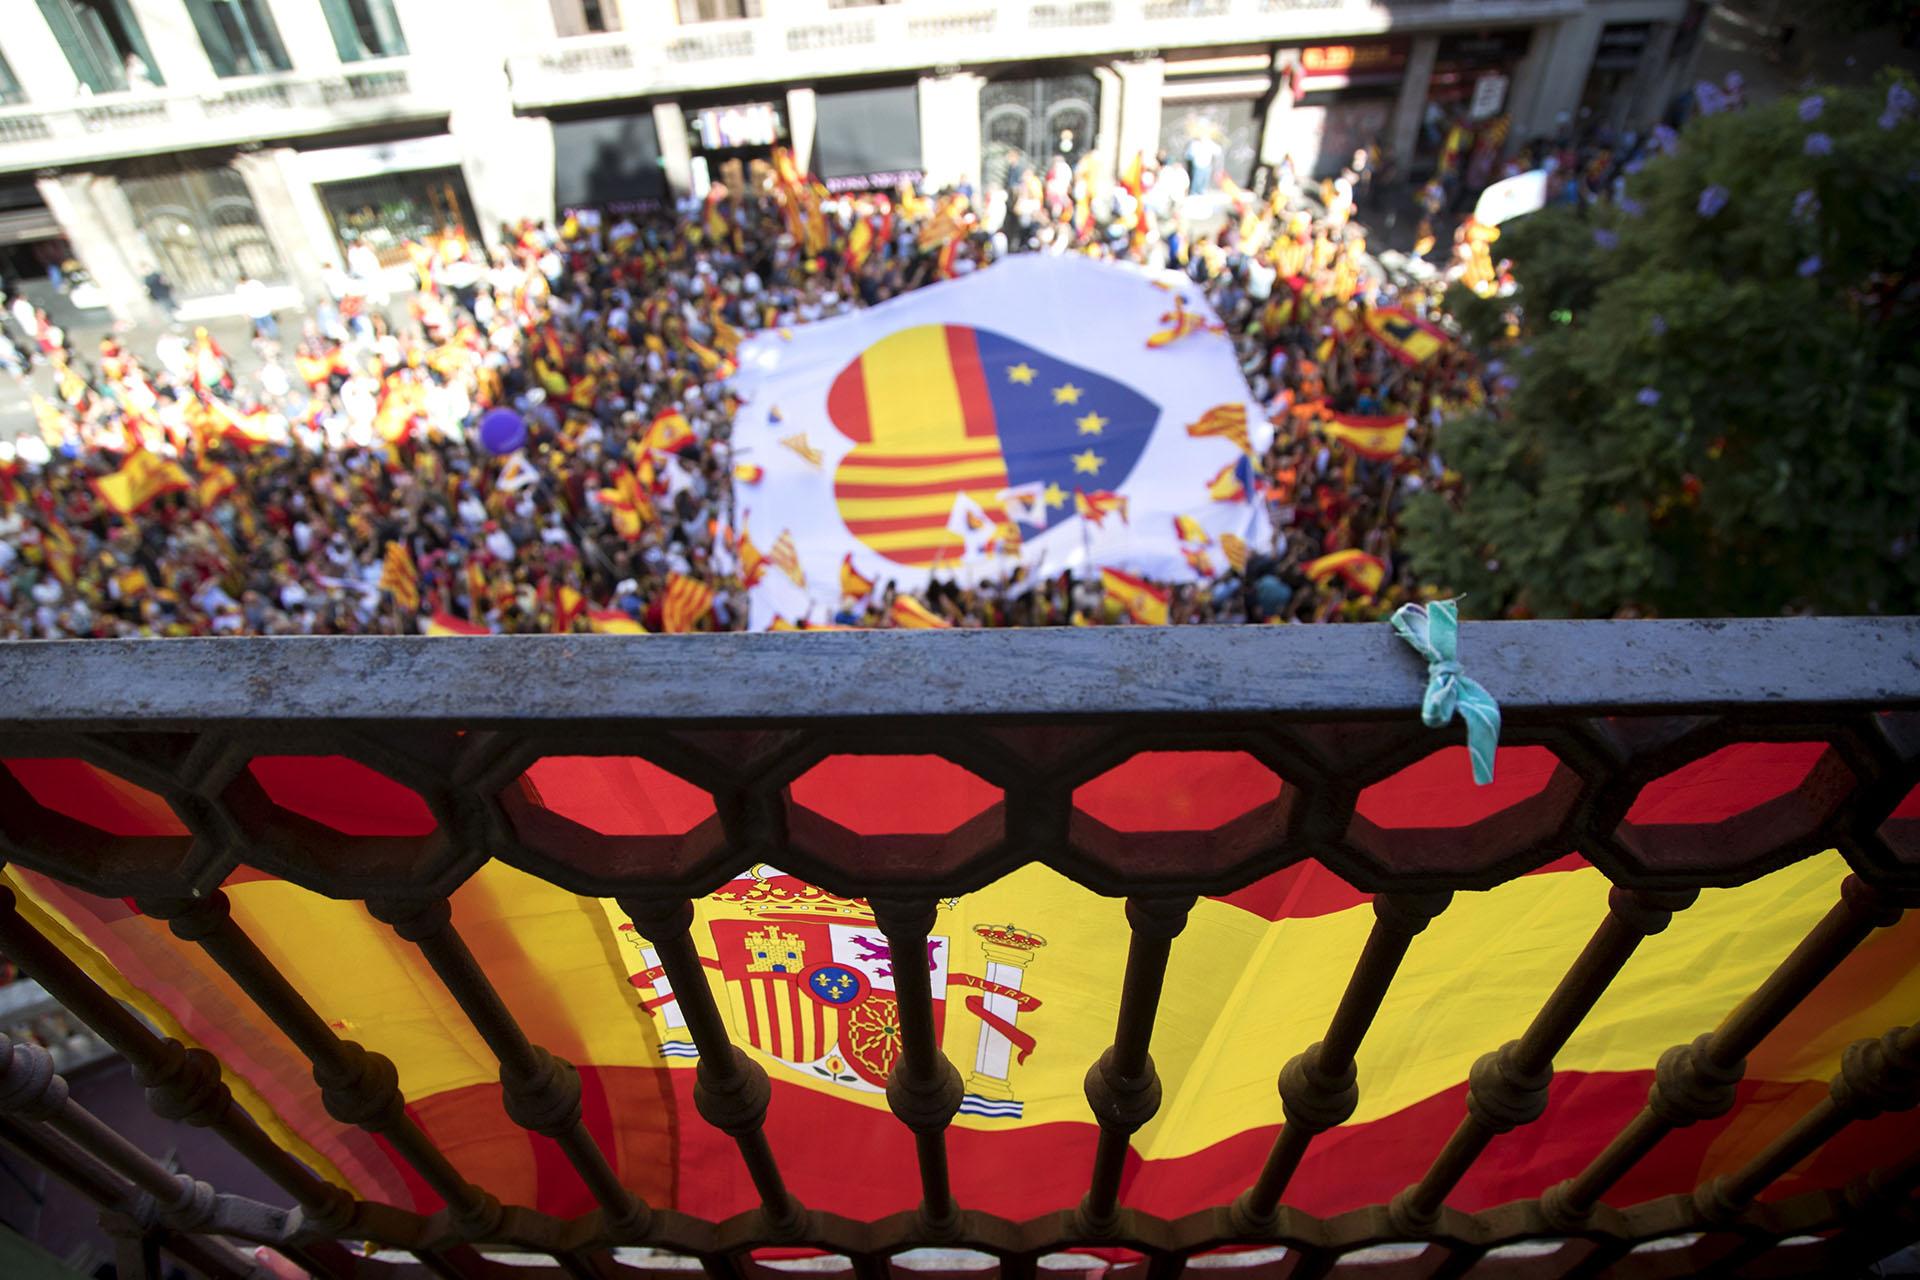 """Vista de la manifestación convocada por Societat Civil Catalana en Barcelona en defensa de la unidad de España bajo el lema """"¡Basta! Recuperemos la sensatez"""" y en la que se han participado miles de personas"""